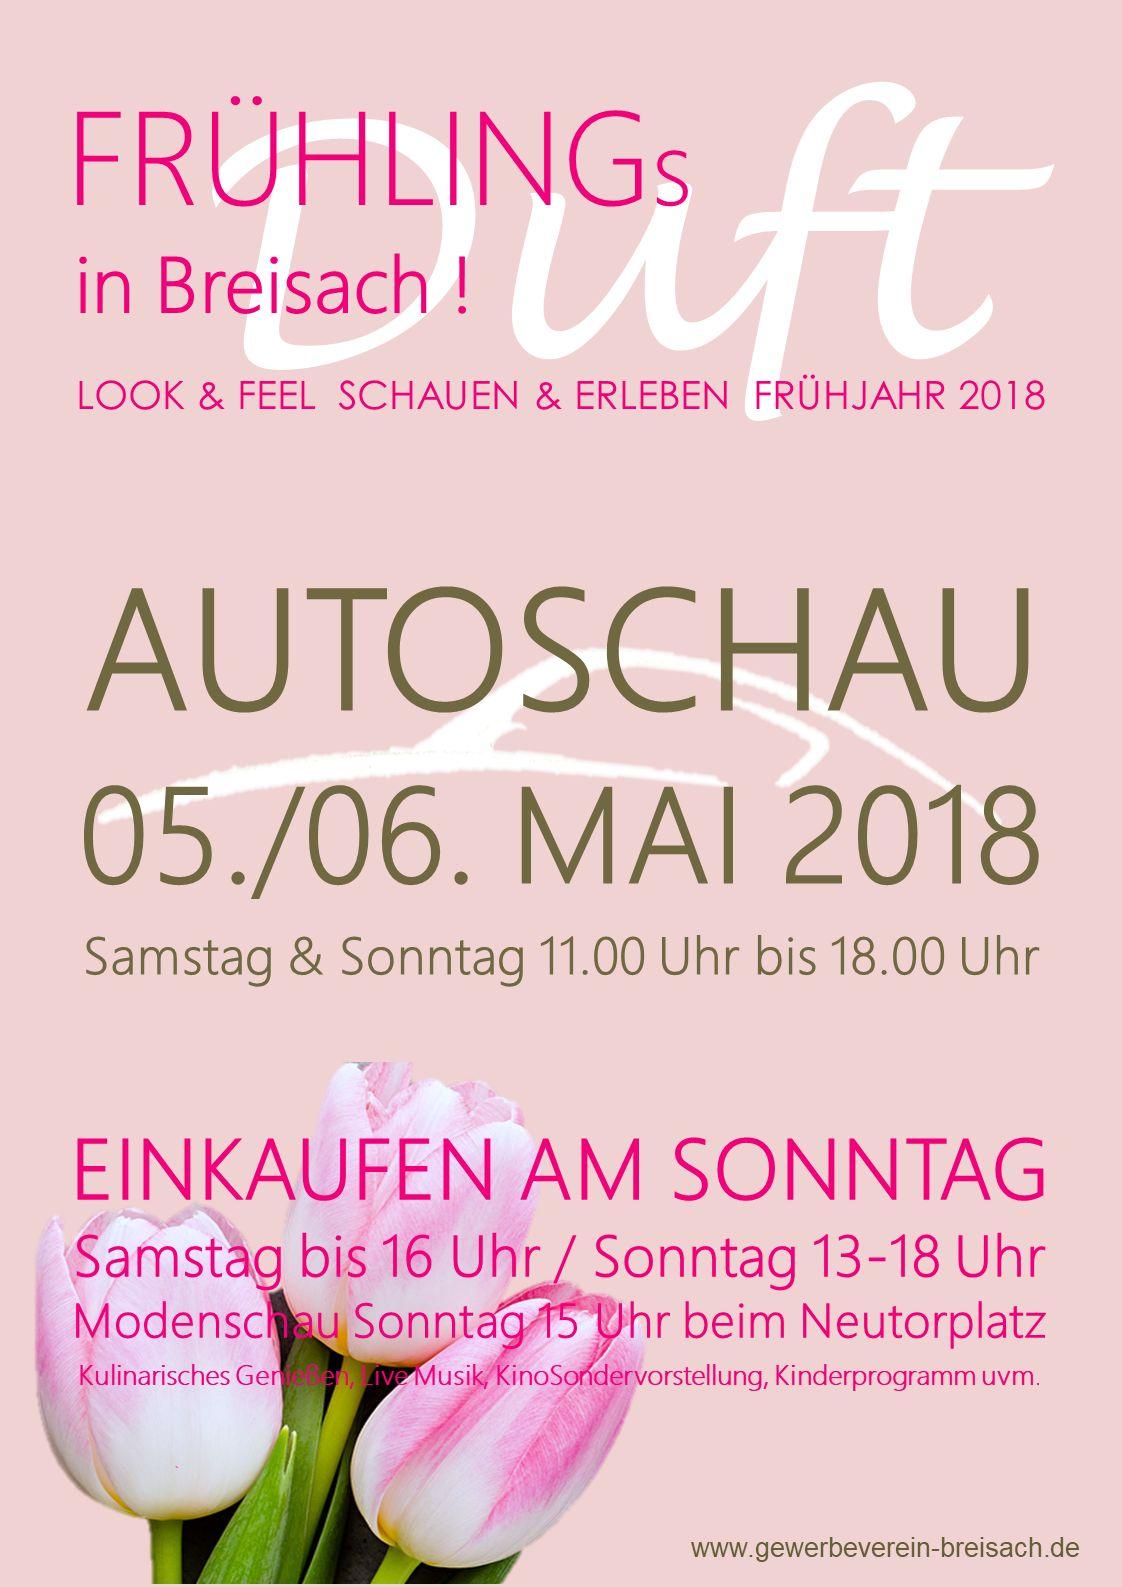 Frühlingsduft in Breisach am Rhein… Breisacher Autoschau und Verkaufsoffener Sonntag am 05.+06. Mai 18